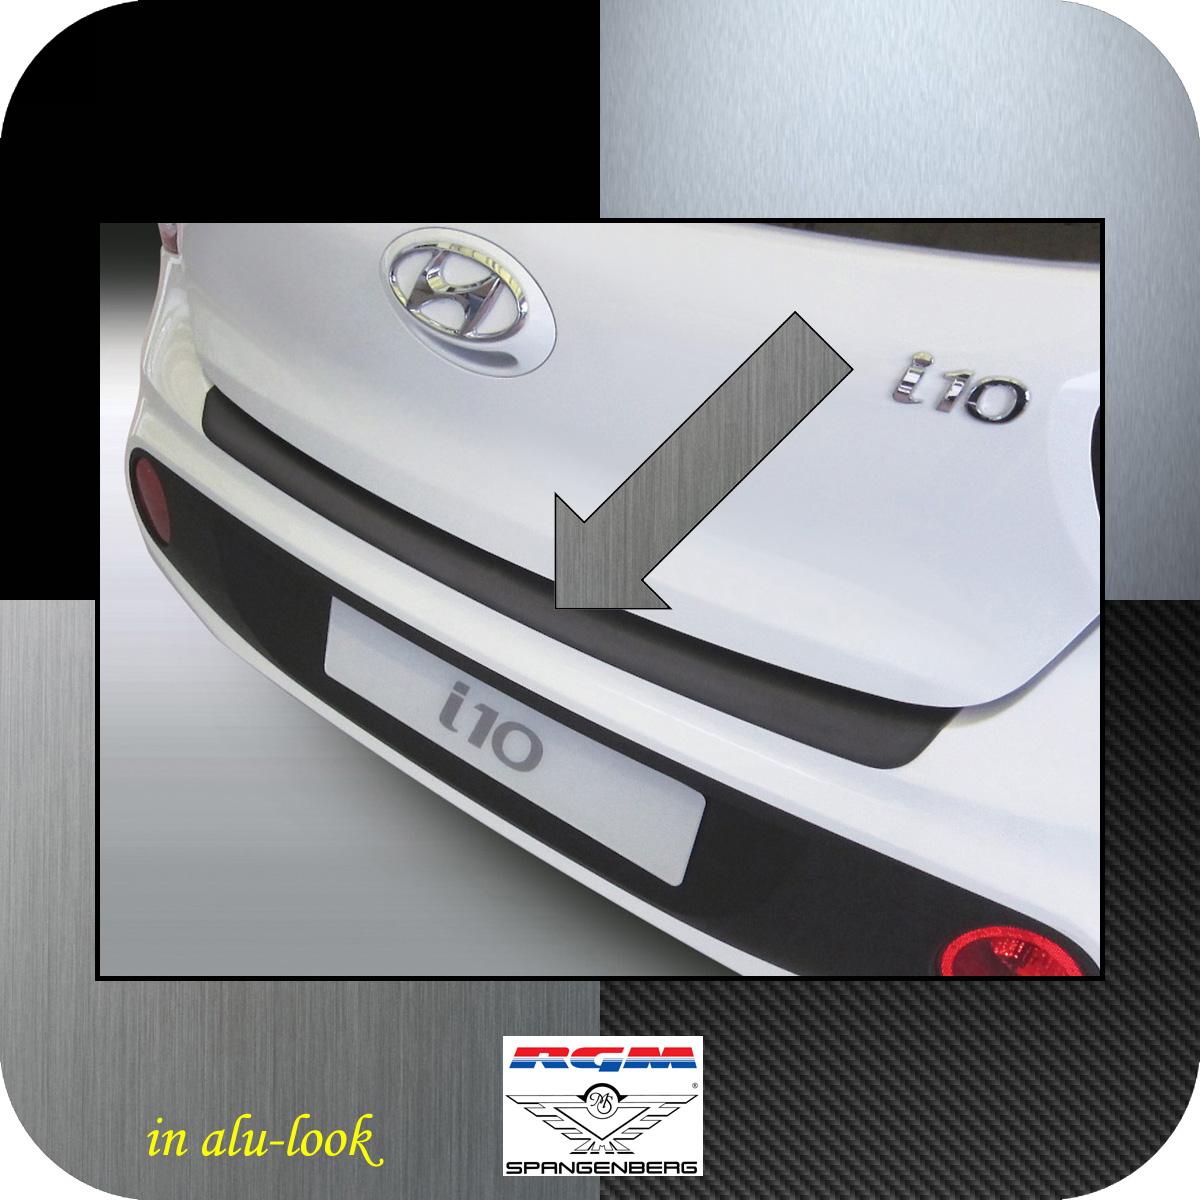 Ladekantenschutz Alu-Look Hyundai i10 Schrägheck ab Baujahr 2017- 3504972